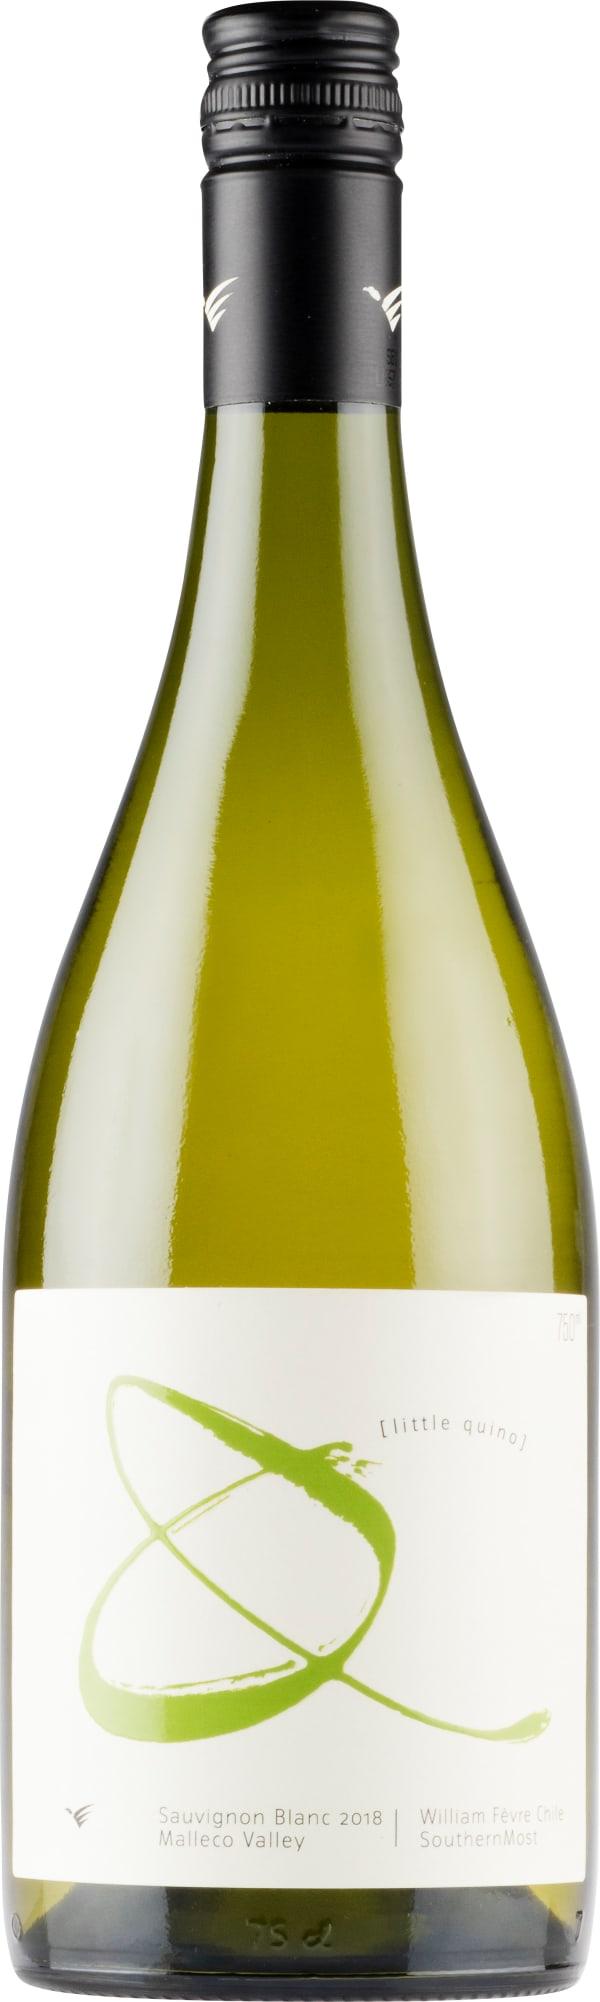 Little Quino Sauvignon Blanc 2020